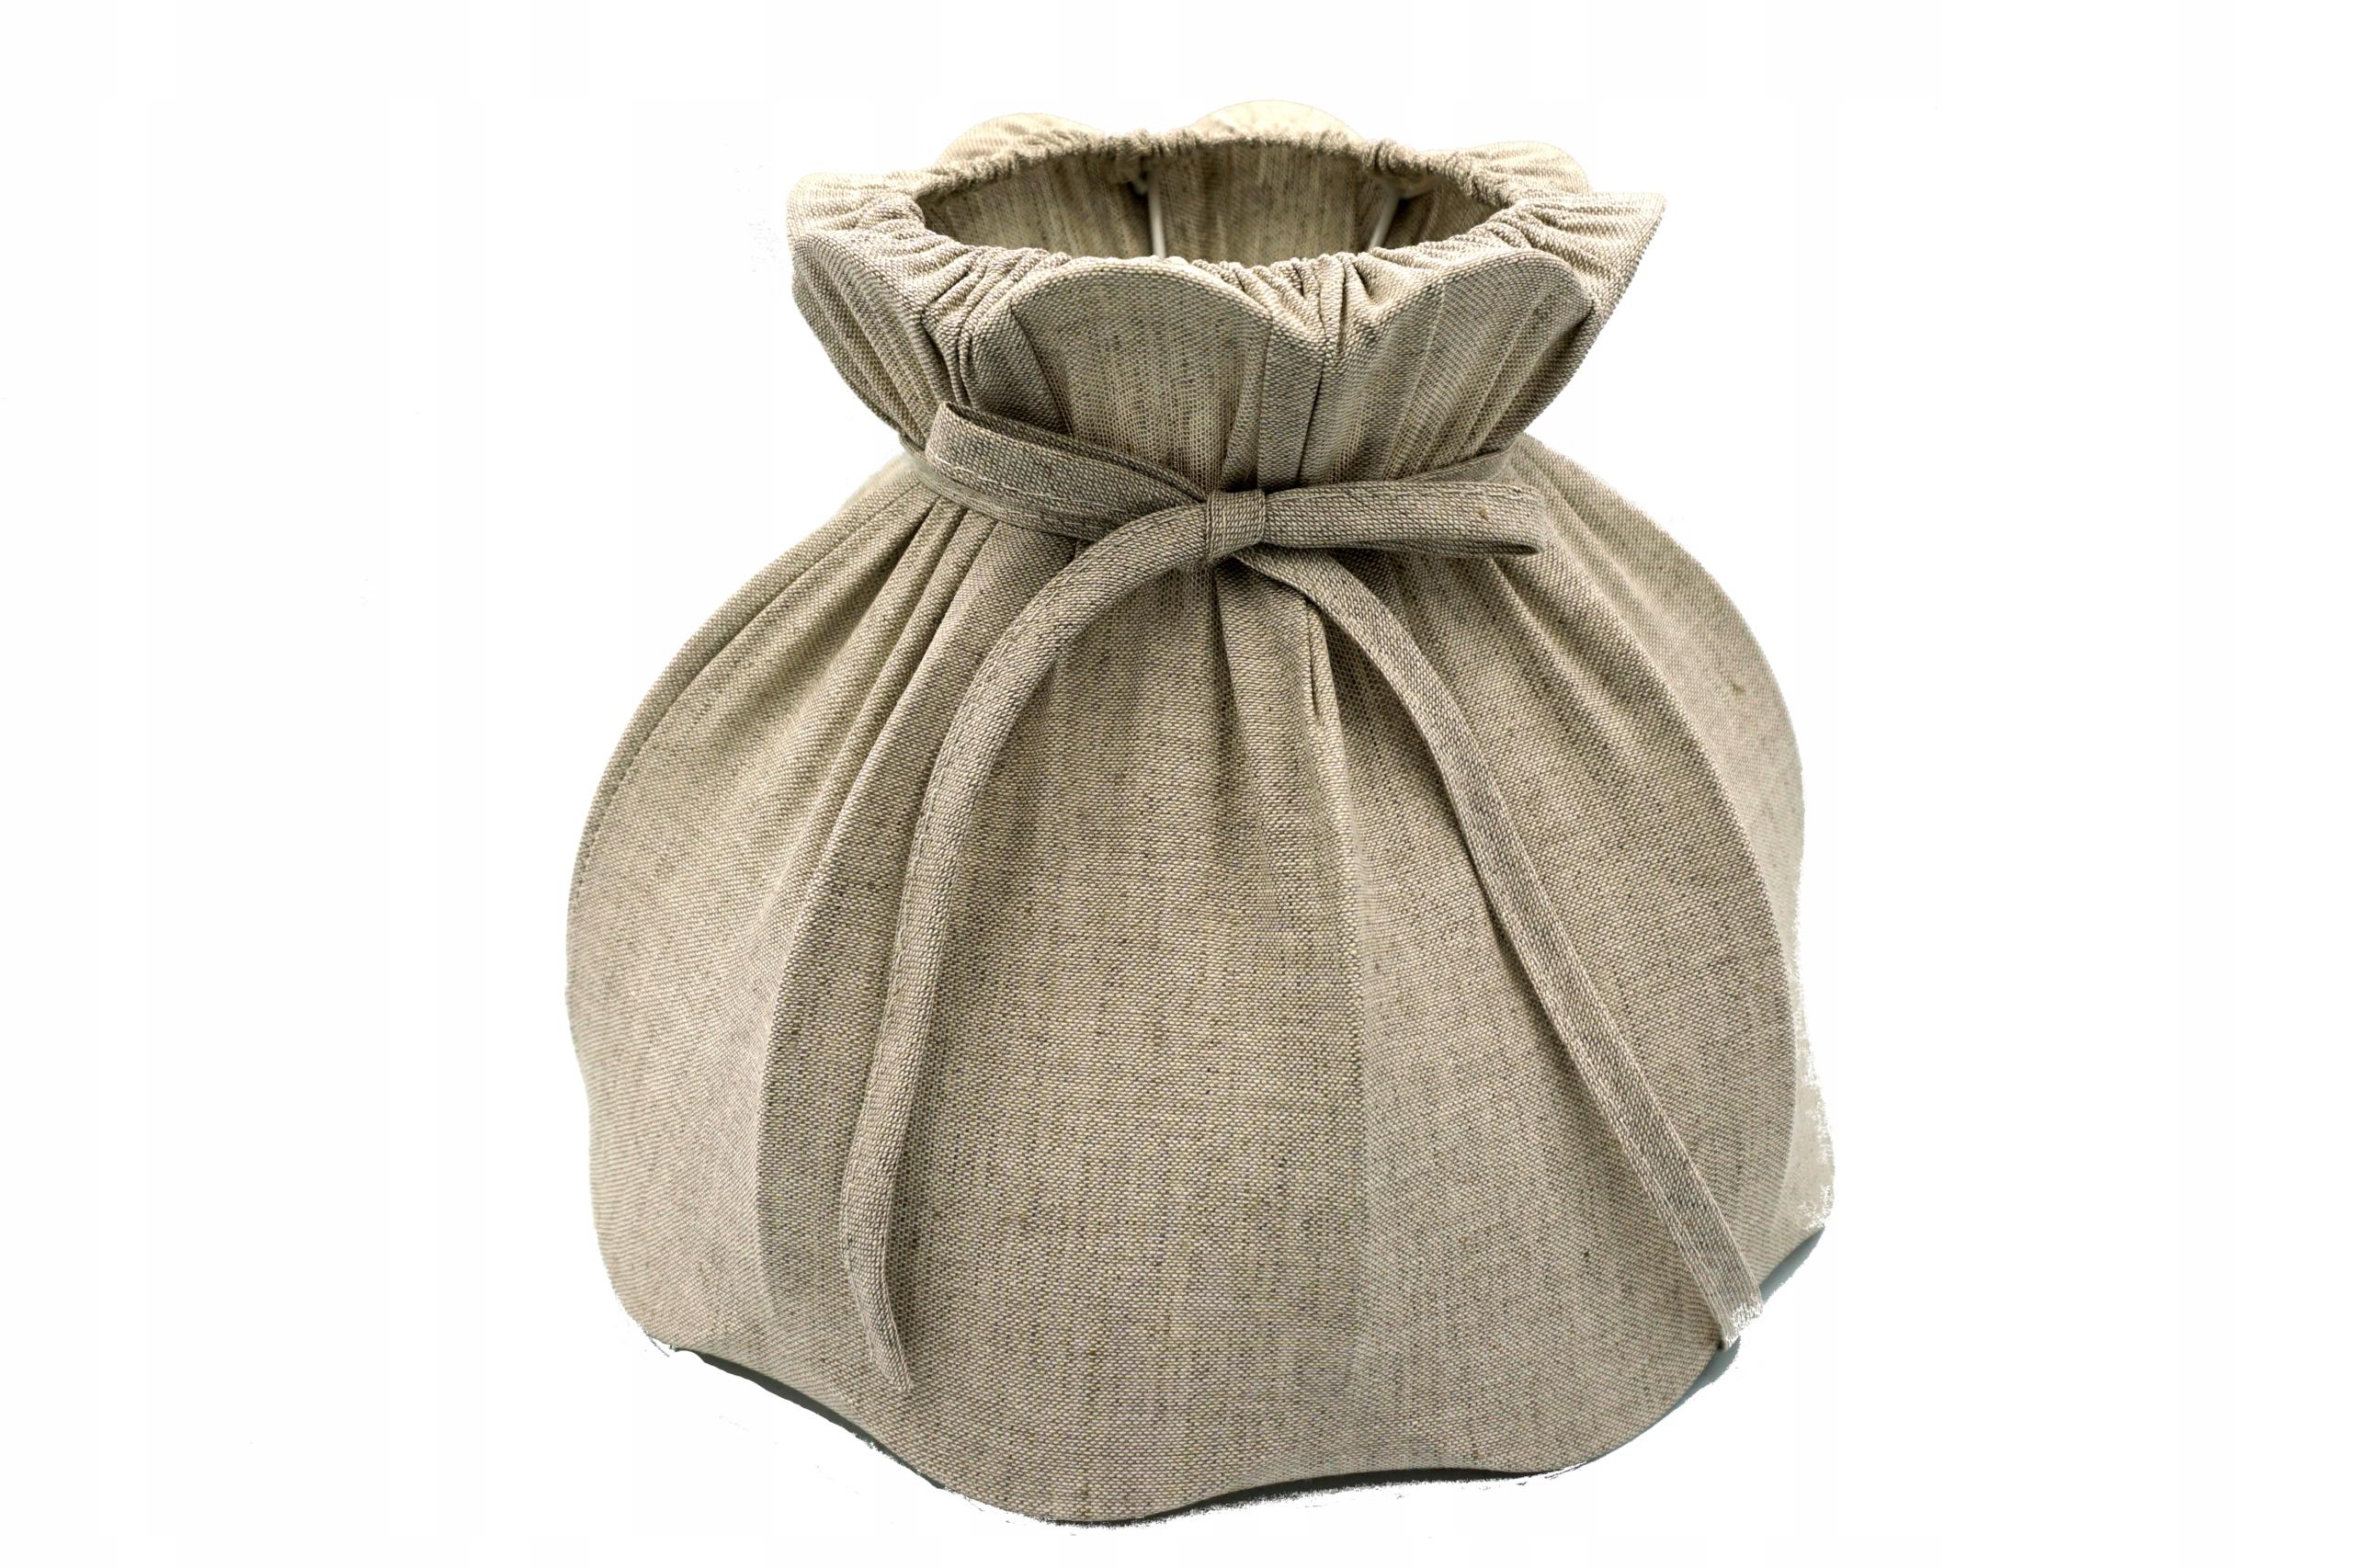 Tienidlo Retro obliečka Bella Linen Tienidlo 19x46x30 cm